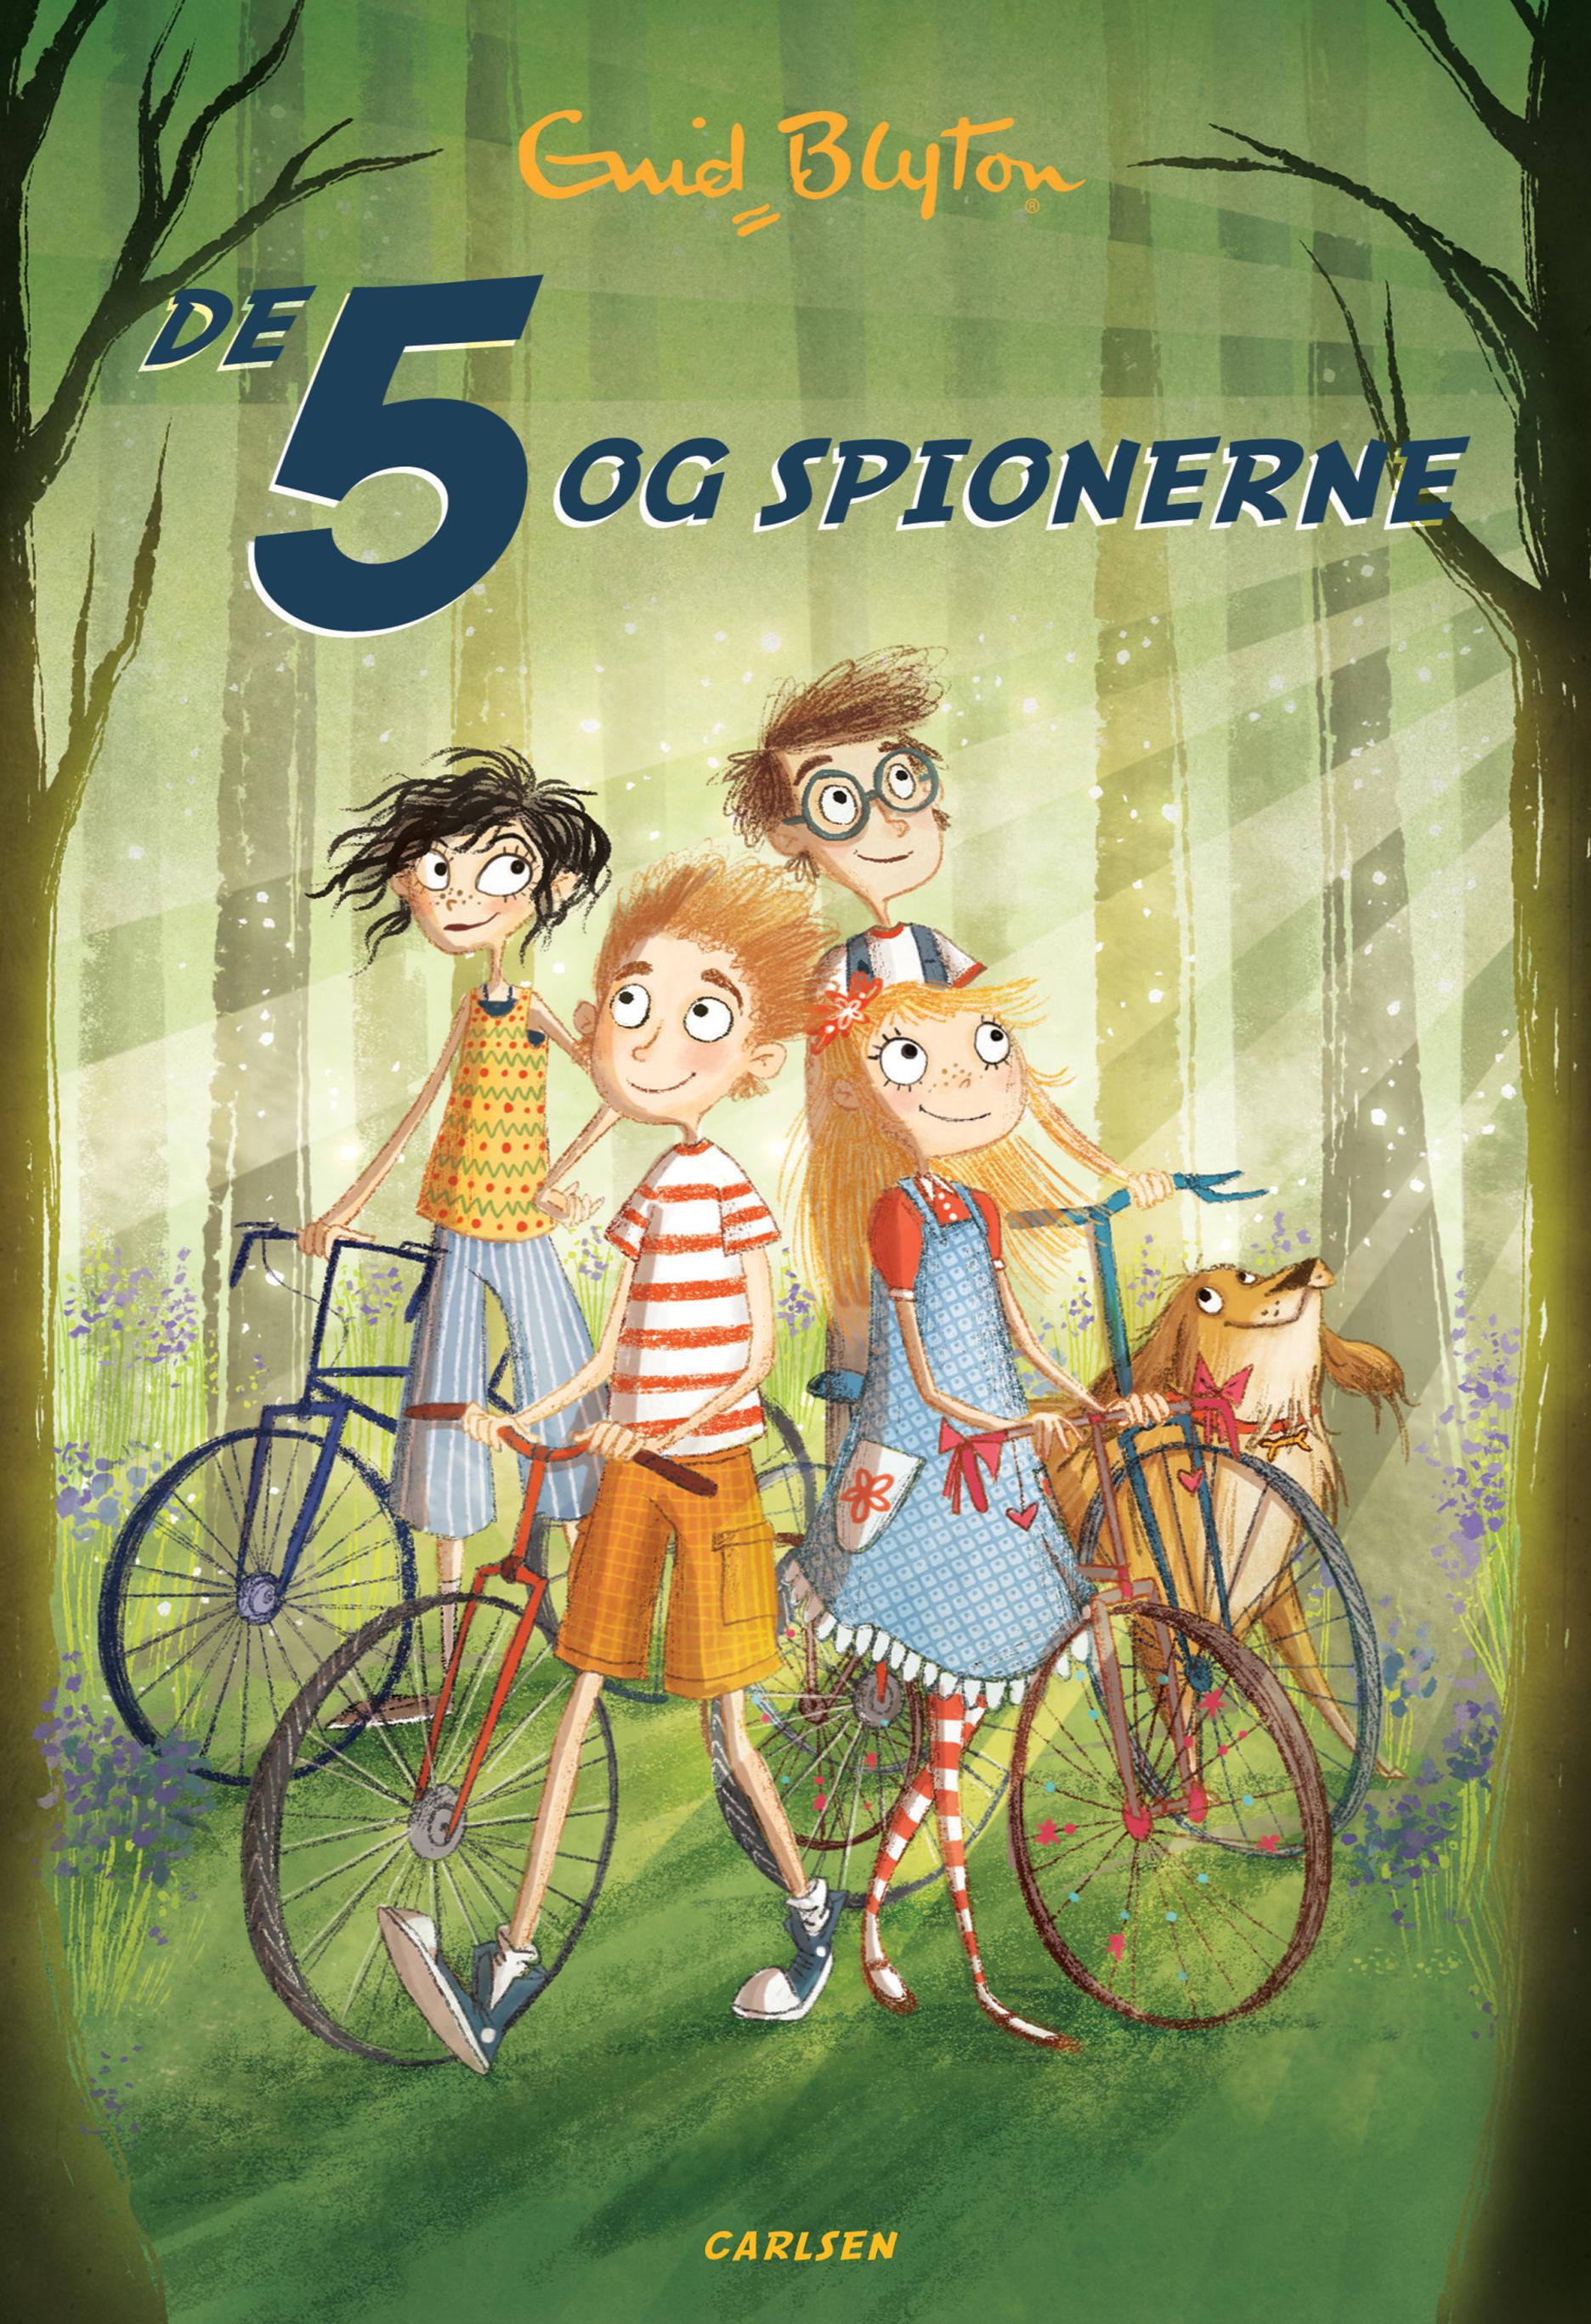 De 5 og spionerne (2) - Maneno